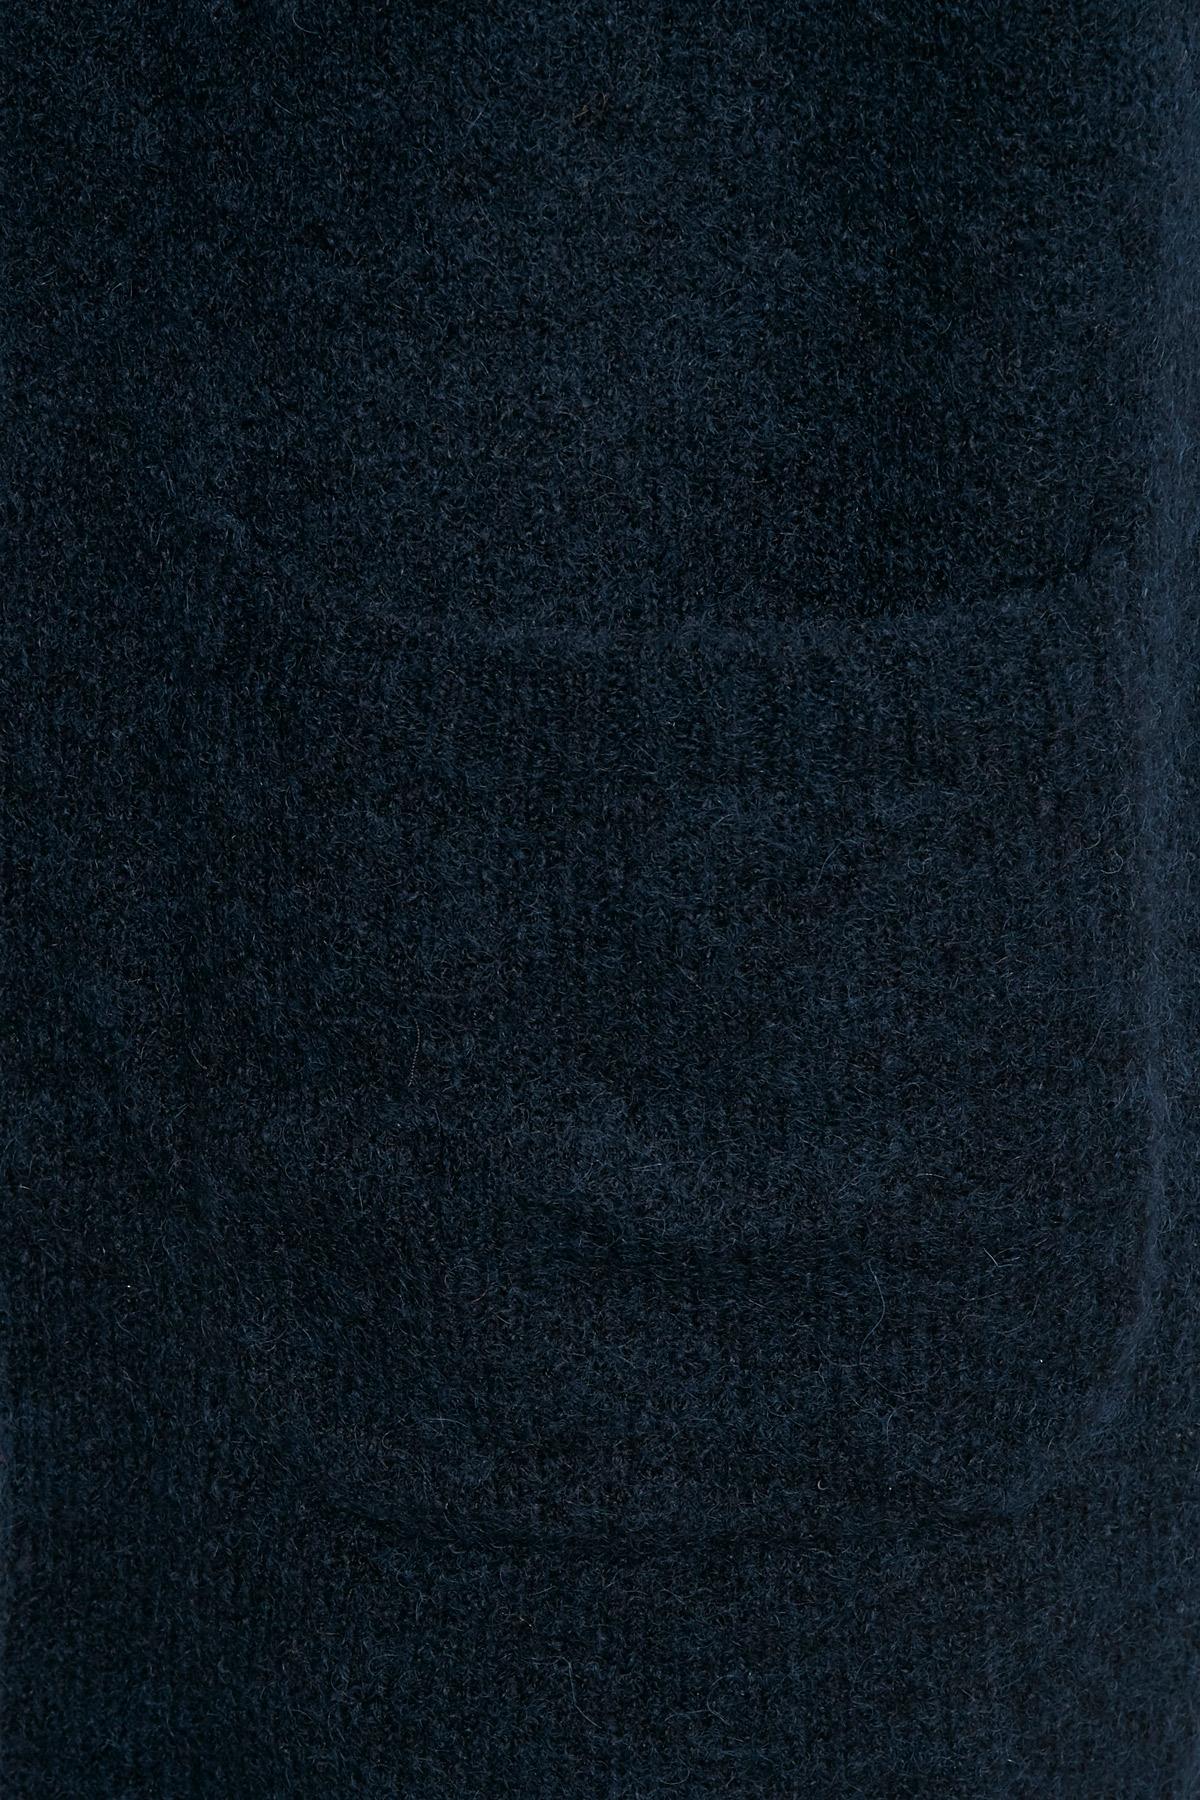 Marineblau Strick-Cardigan  von Kaffe – Shoppen Sie Marineblau Strick-Cardigan  ab Gr. XS-XXL hier